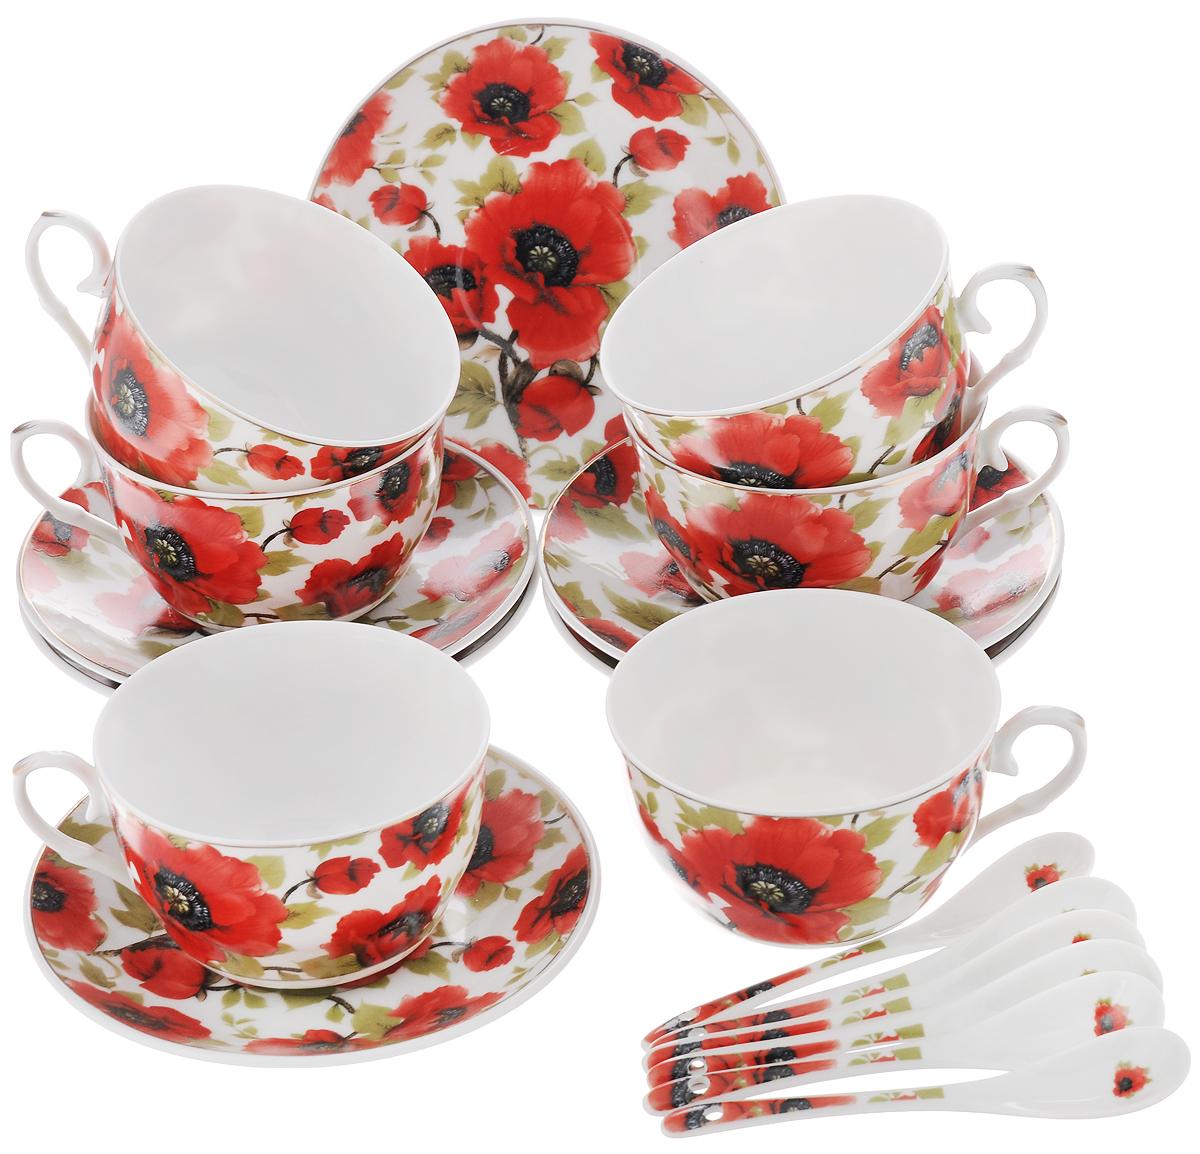 Набор чайный Elan Gallery Маки, с ложками, 18 предметовVT-1520(SR)Чайный набор Elan Gallery Маки состоит из 6 чашек, 6 блюдец и 6 ложечек,изготовленных из высококачественной керамики. Предметы набора декорированы изображением цветов.Чайный набор Elan Gallery Маки украсит ваш кухонный стол, а такжестанет замечательным подарком друзьям и близким.Изделие упаковано в подарочную коробку с атласной подложкой. Не рекомендуется применять абразивные моющие средства. Не использовать в микроволновой печи.Объем чашки: 250 мл.Диаметр чашки по верхнему краю: 9,5 см.Высота чашки: 6 см.Диаметр блюдца: 14 см.Длина ложки: 12,5 см.